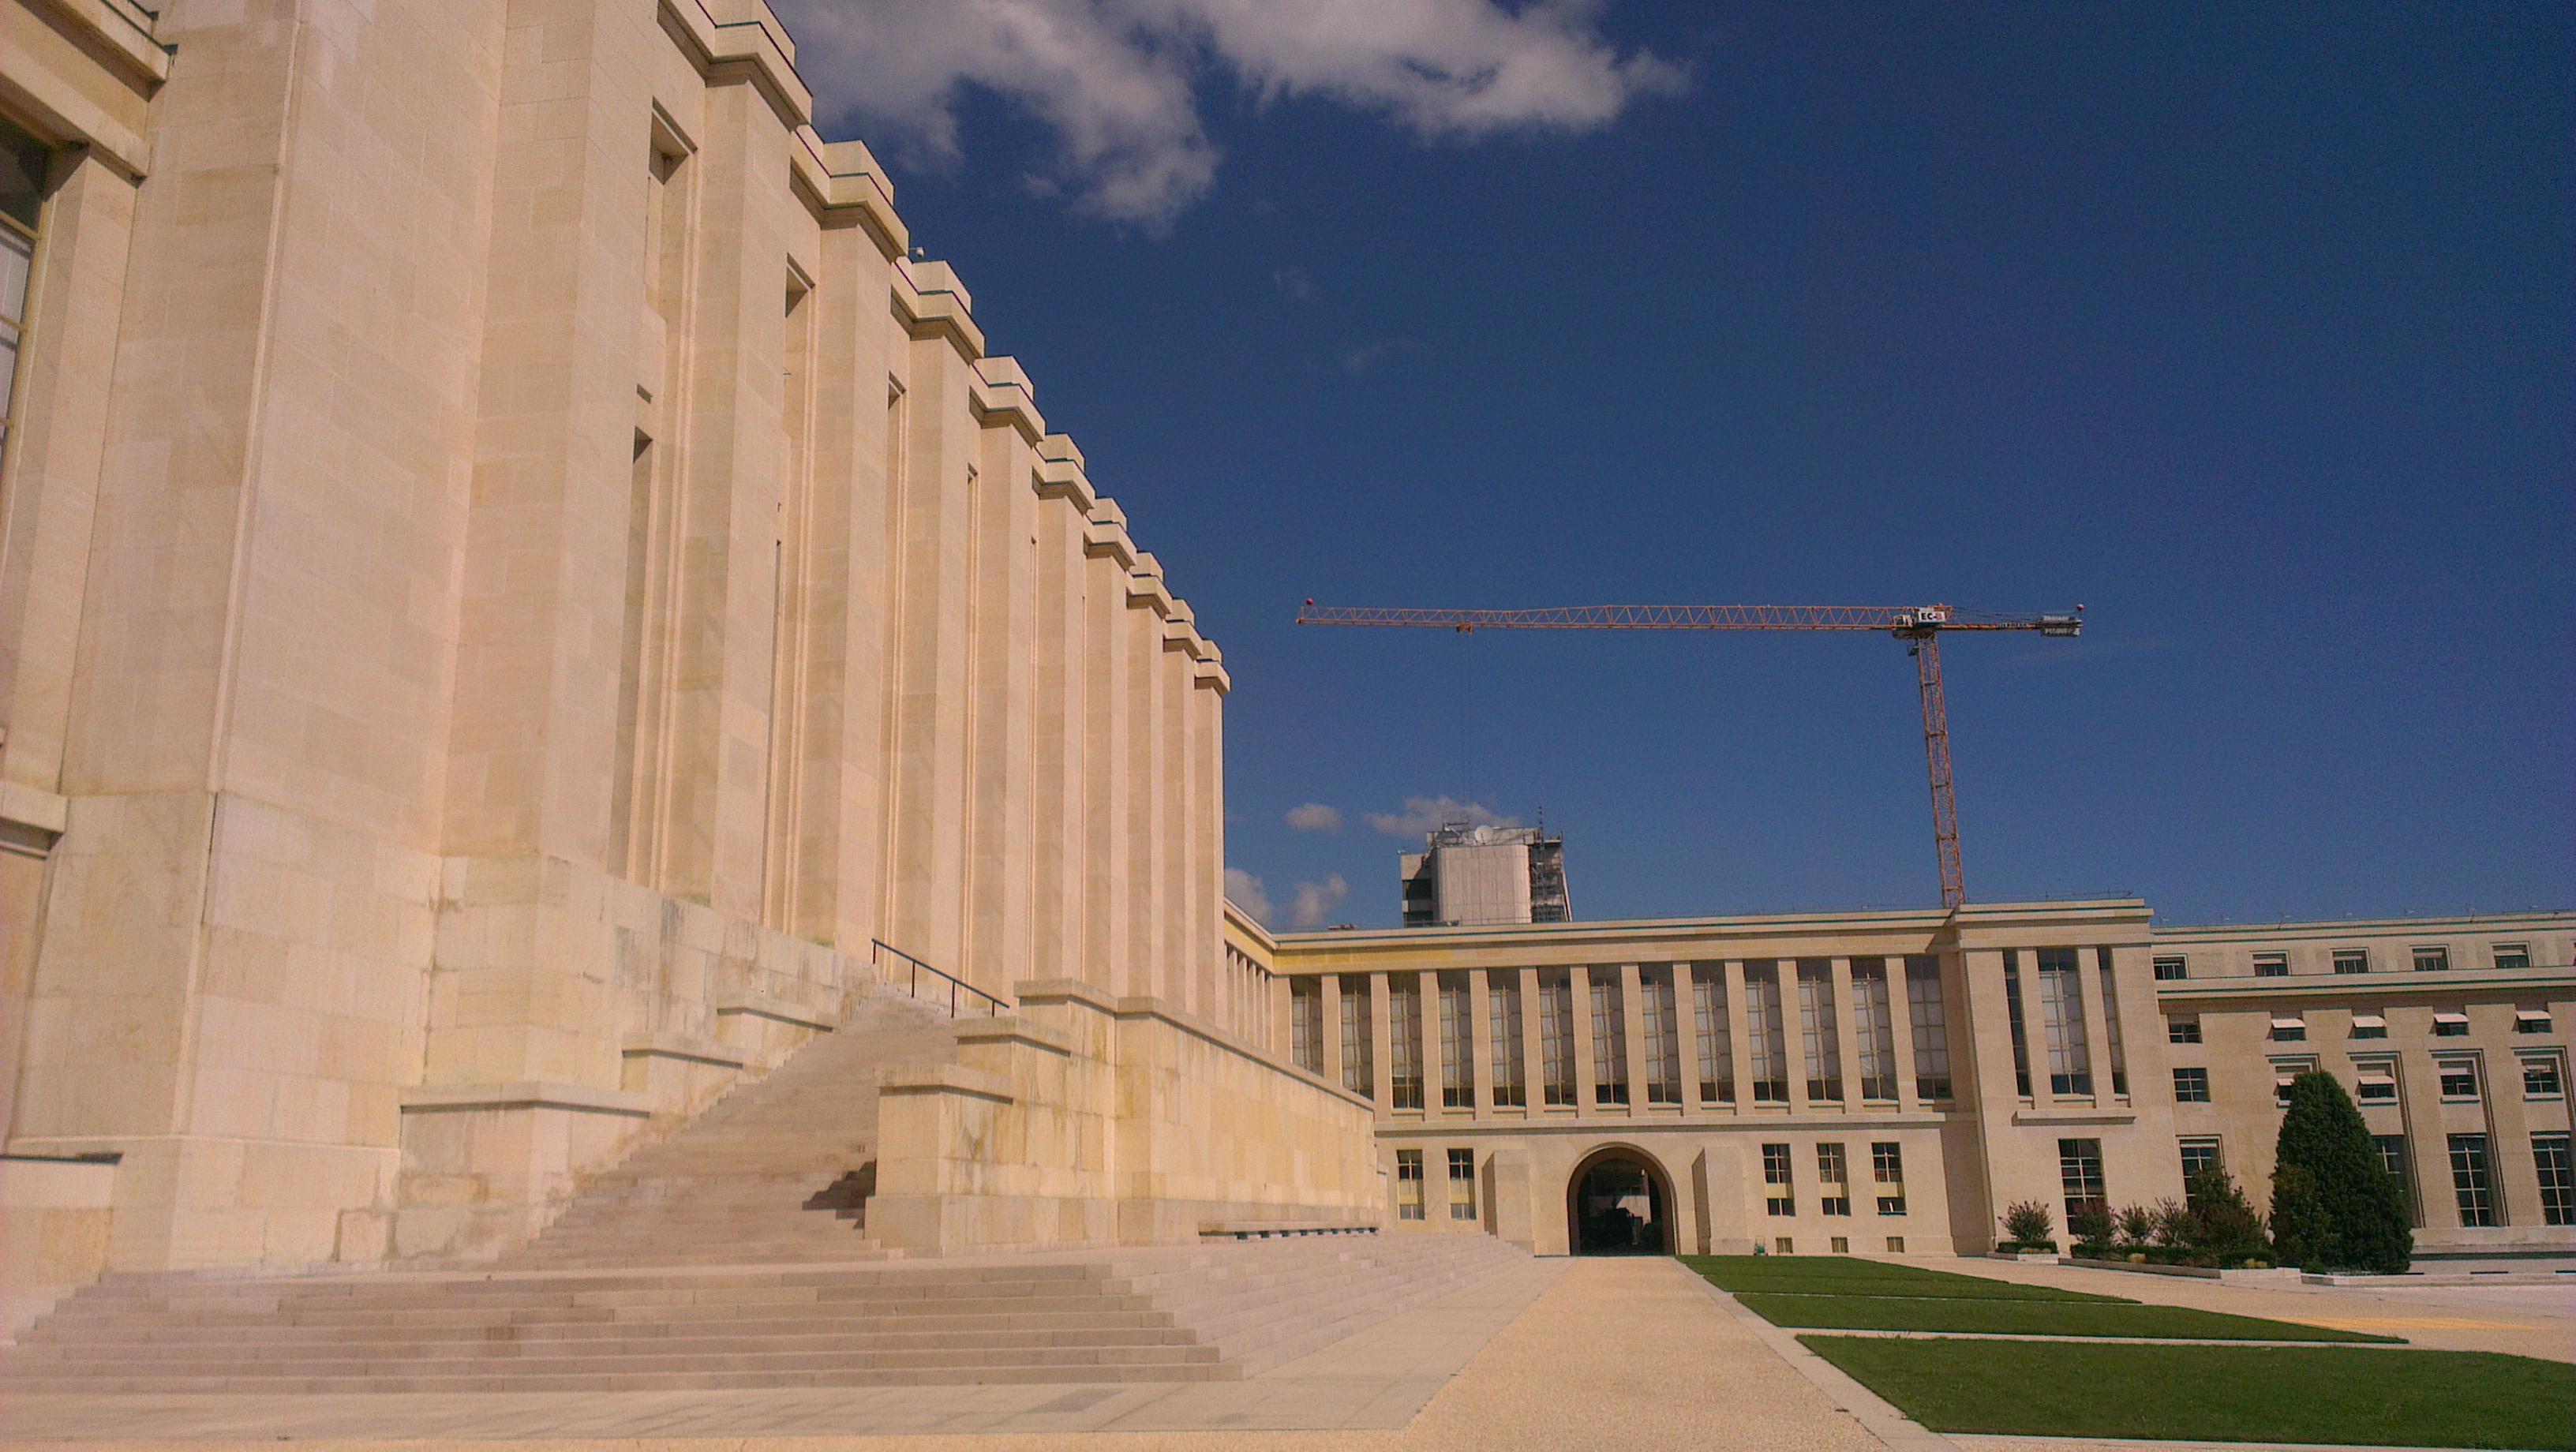 Chaque année, le quartier général genevois des Nations unies accueille environ 8 000 réunions dont près de 600 grandes conférences. Quelques secteurs du palais sont accessibles aux visiteurs qui sont au nombre d'environ 100 000 par an. Le palais abrite également des bureaux de divers organismes CNUCED, AIEA, FAO, ONUD, UNESCO UNICEF, WTO à son siège à Genève